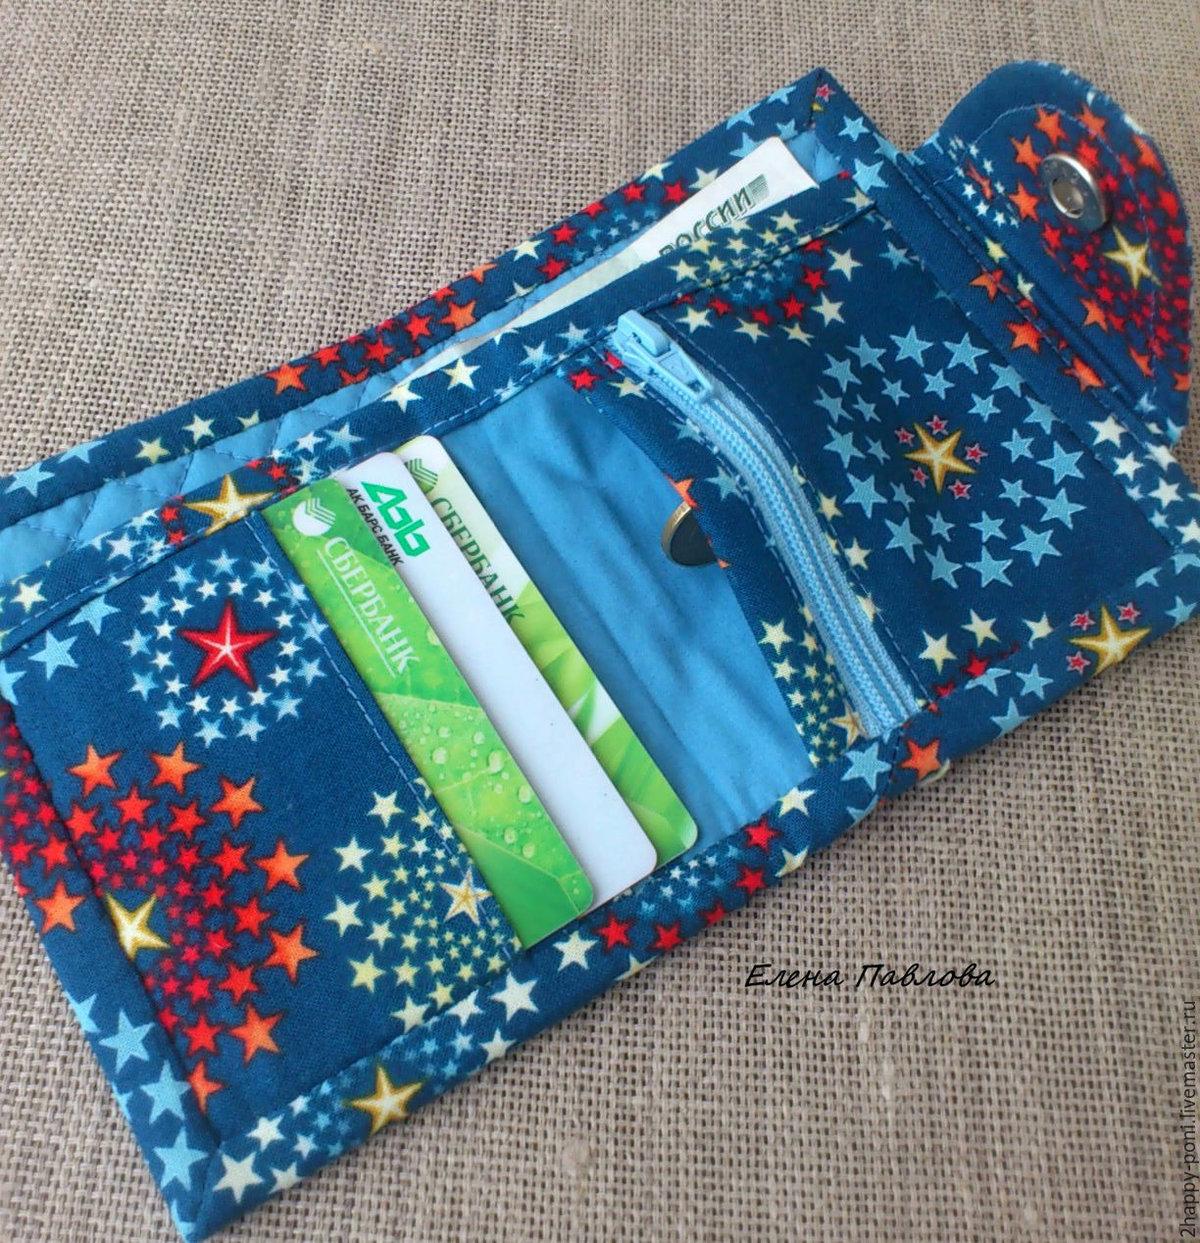 Бумажник из ткани своими руками 48